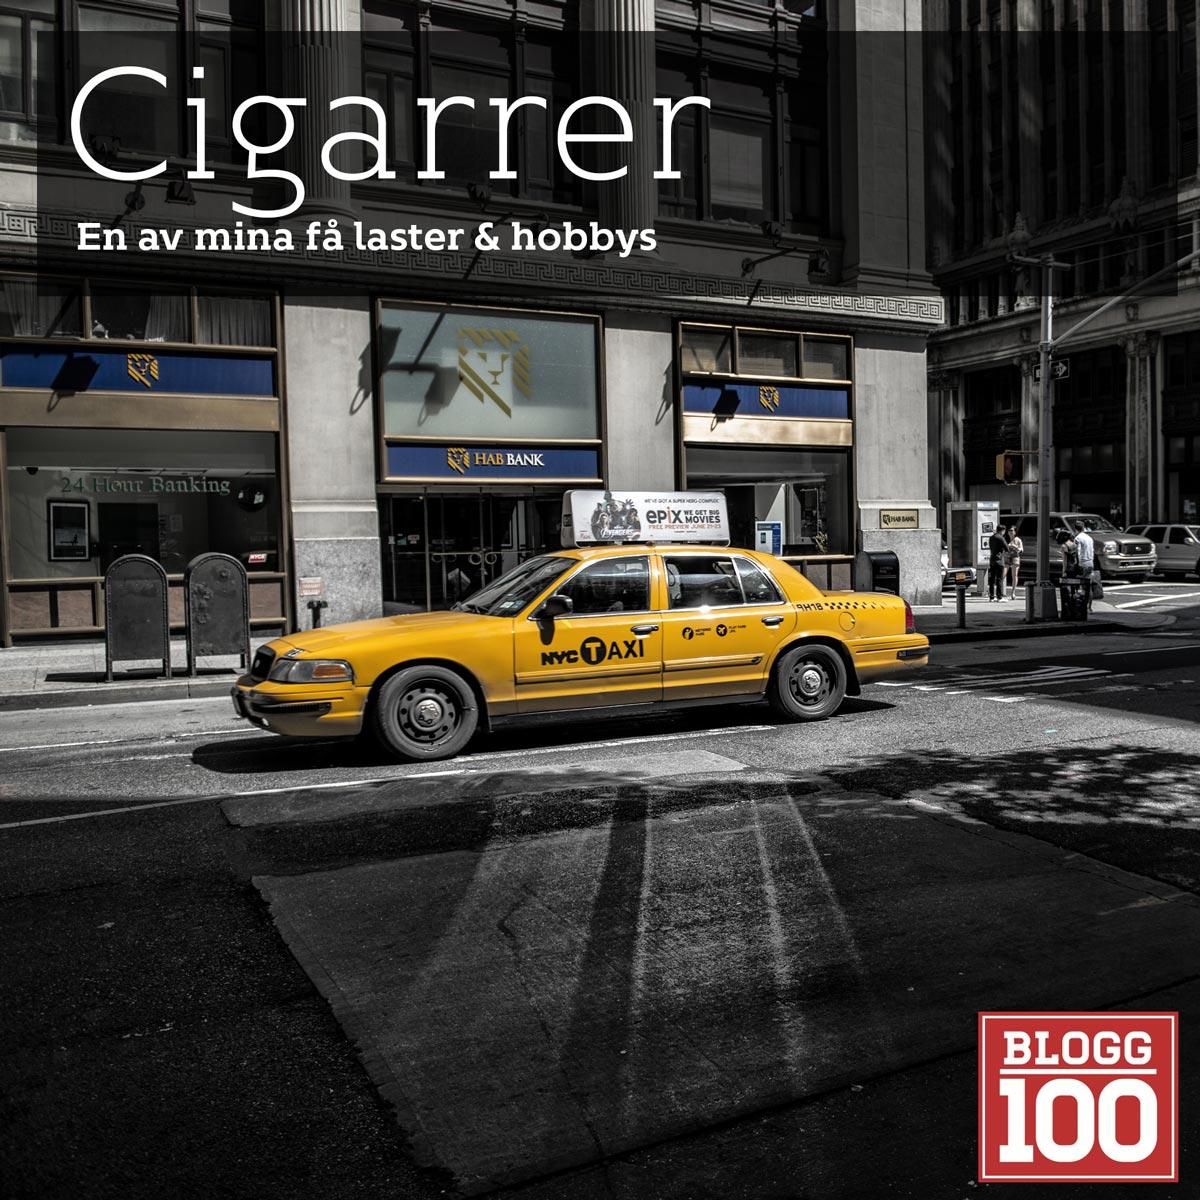 Cigarr en passion #blogg100 #fb